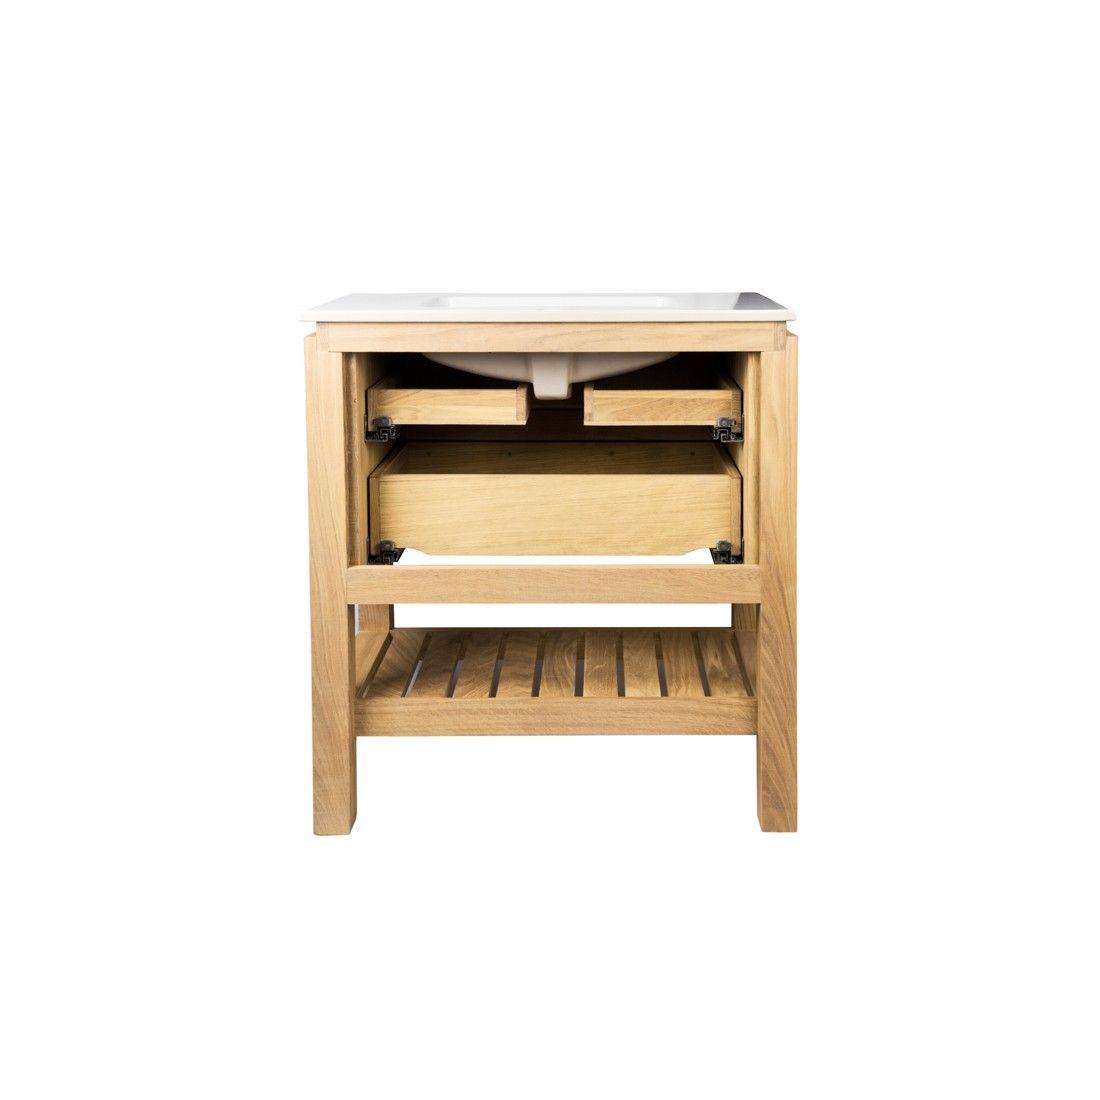 Meuble en chêne 80 cm ou 100 cm avec un plan vasque, 2 tiroirs et une étagère, EASY